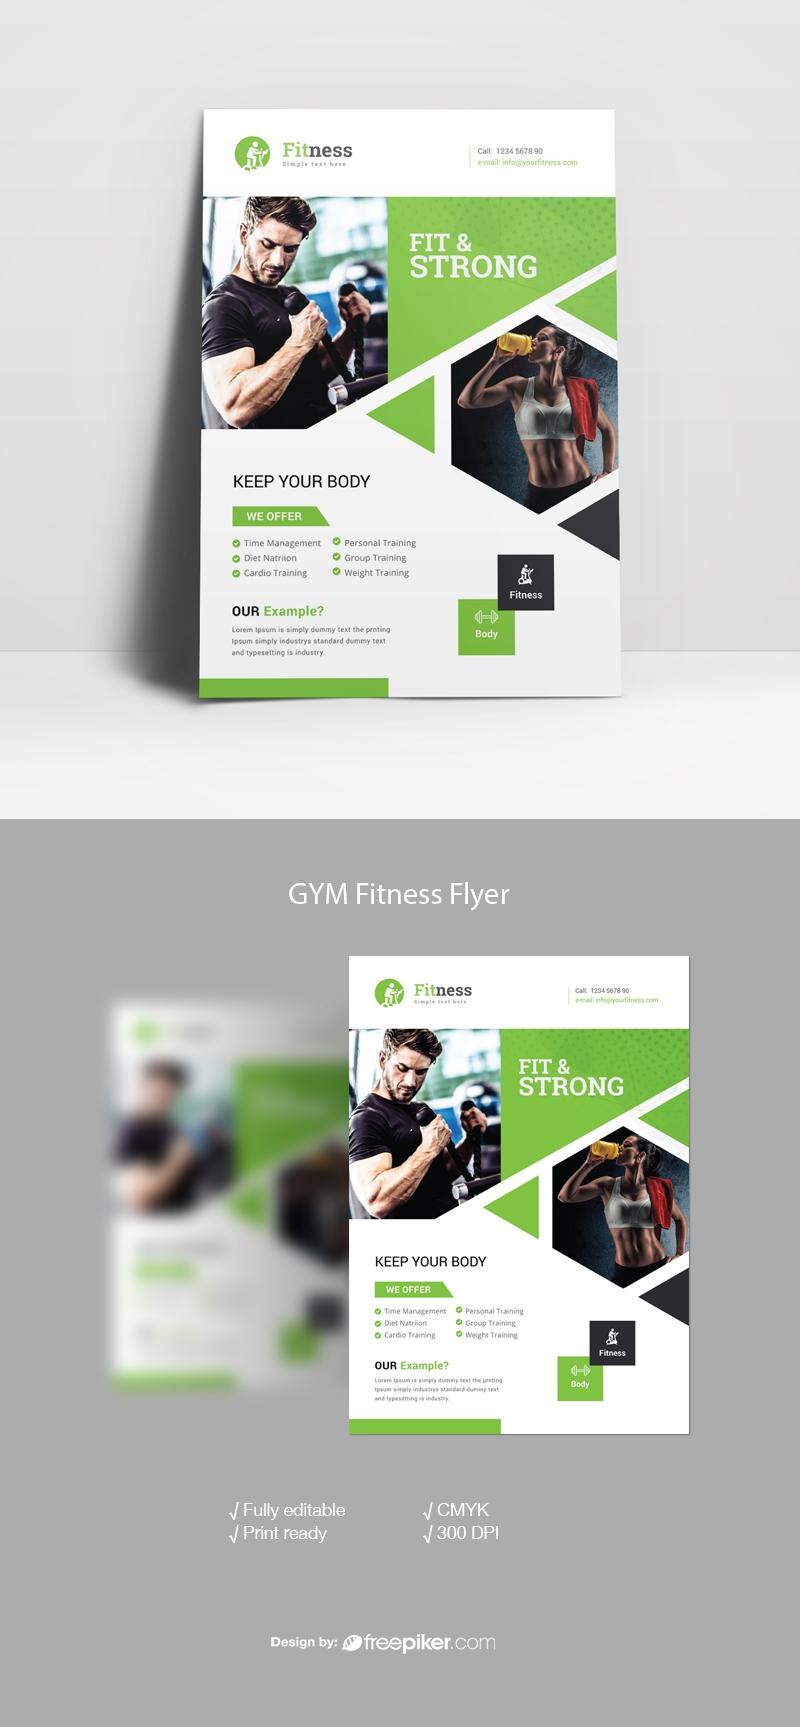 Freepiker Sport Fitness Flyer Template